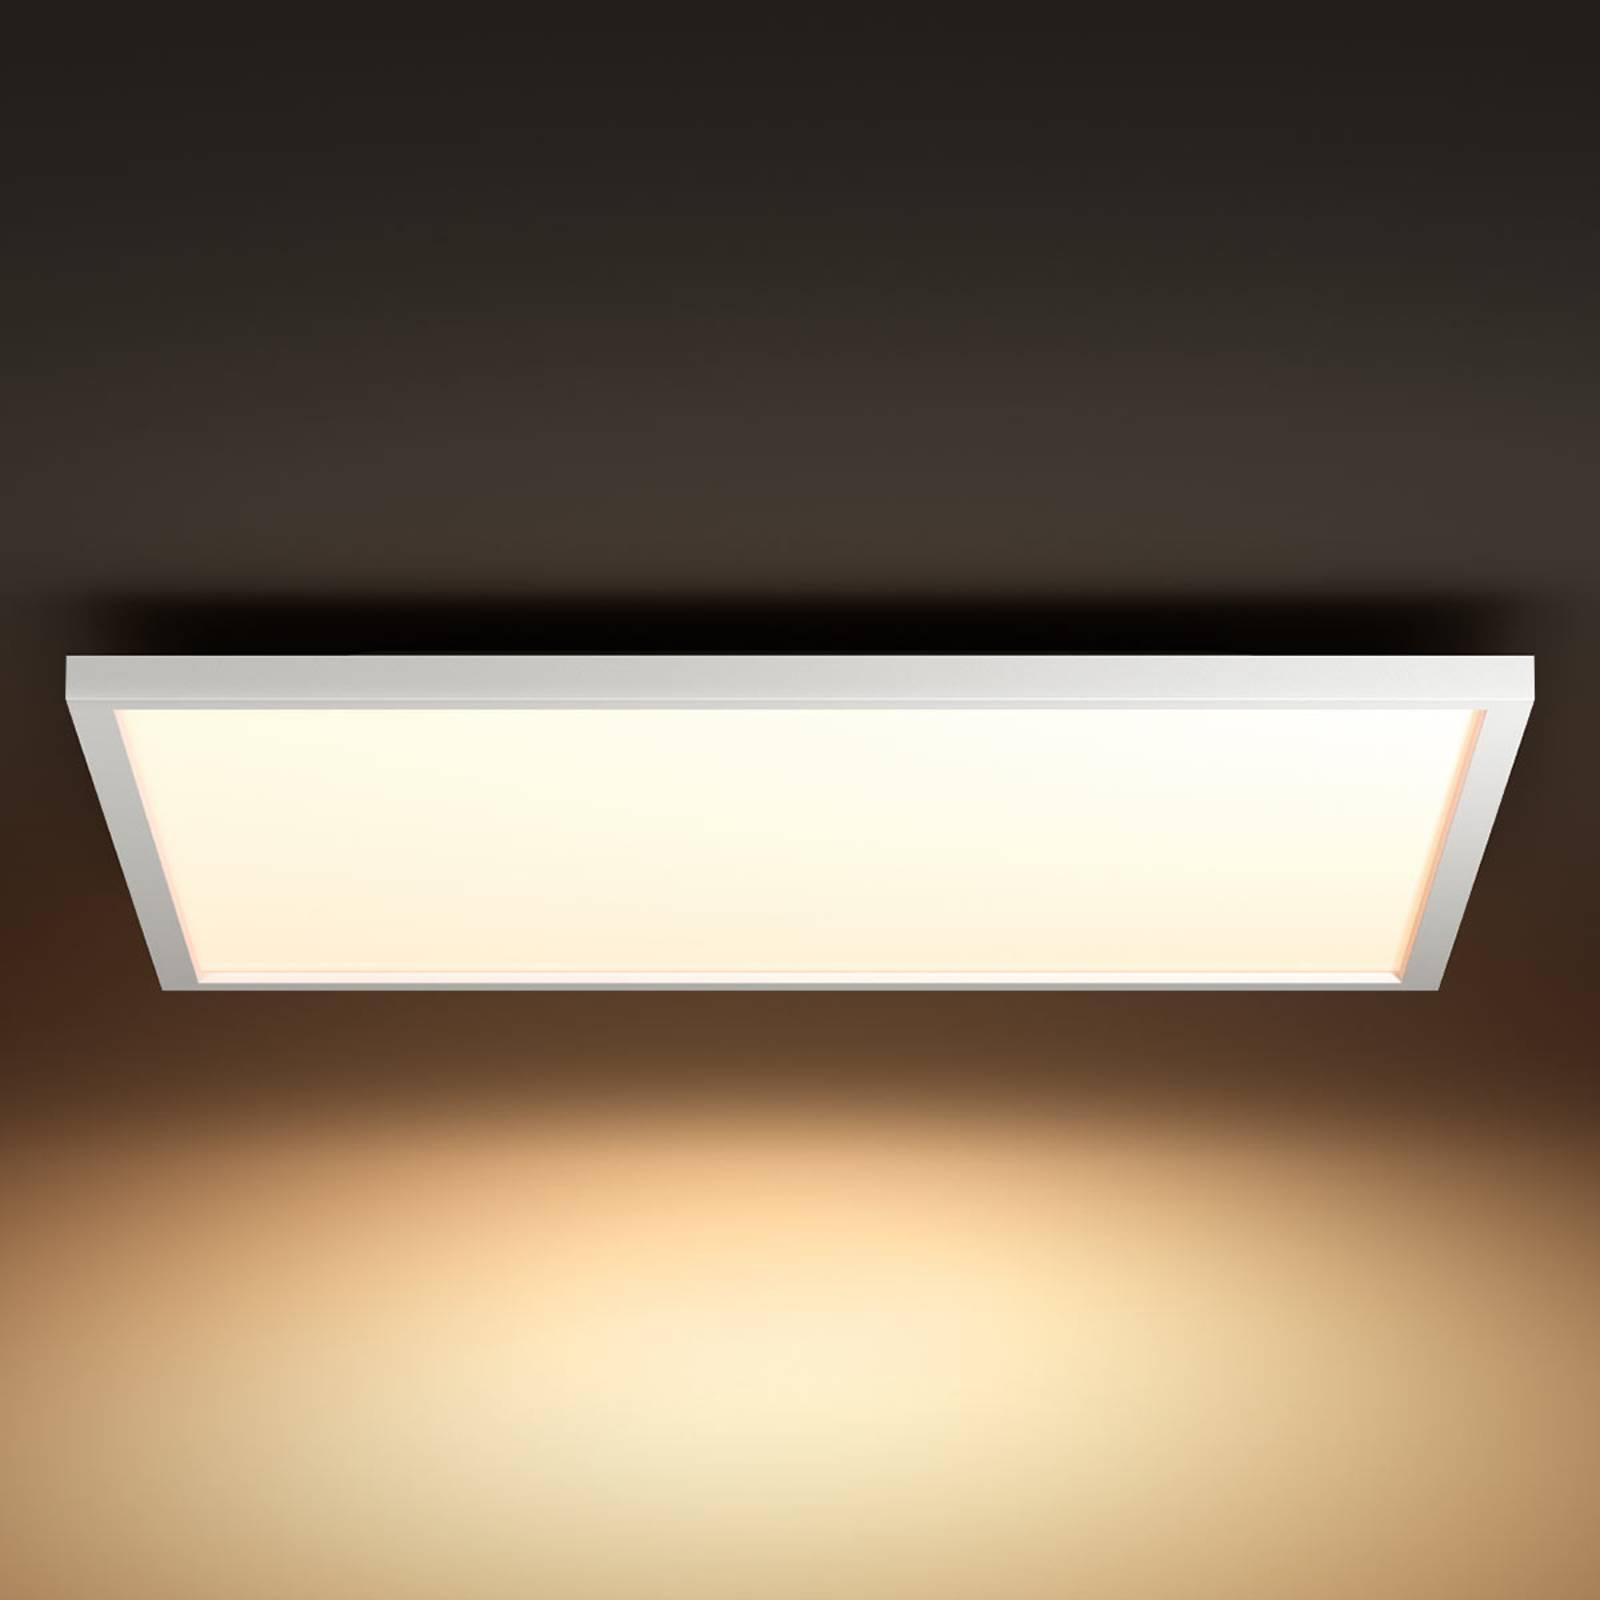 Philips Hue Aurelle LED-paneeli kulmikas, 60x60 cm